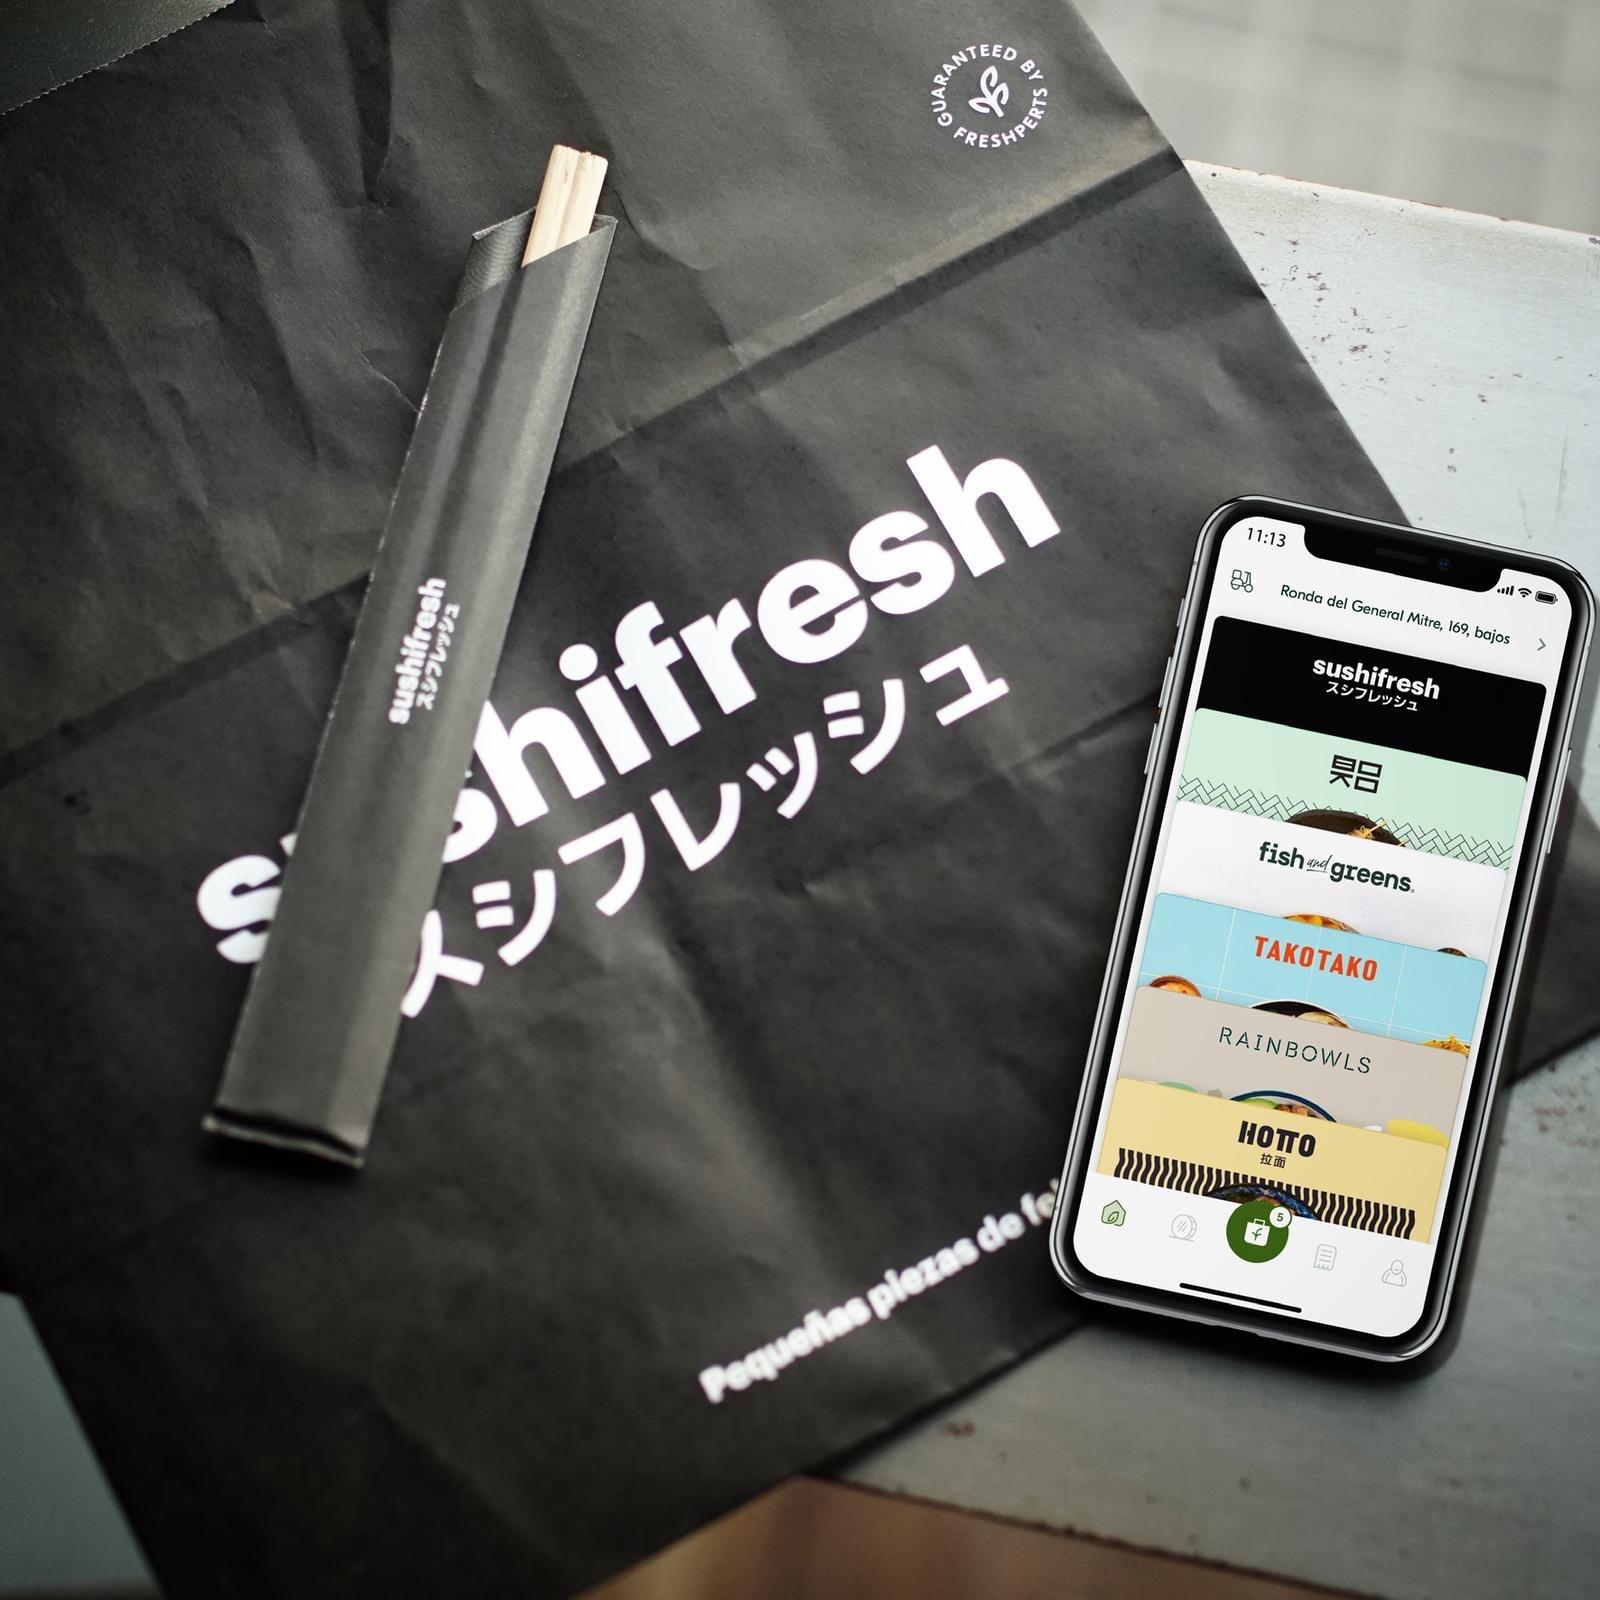 Un mundo gastronómico con la app de Freshperts